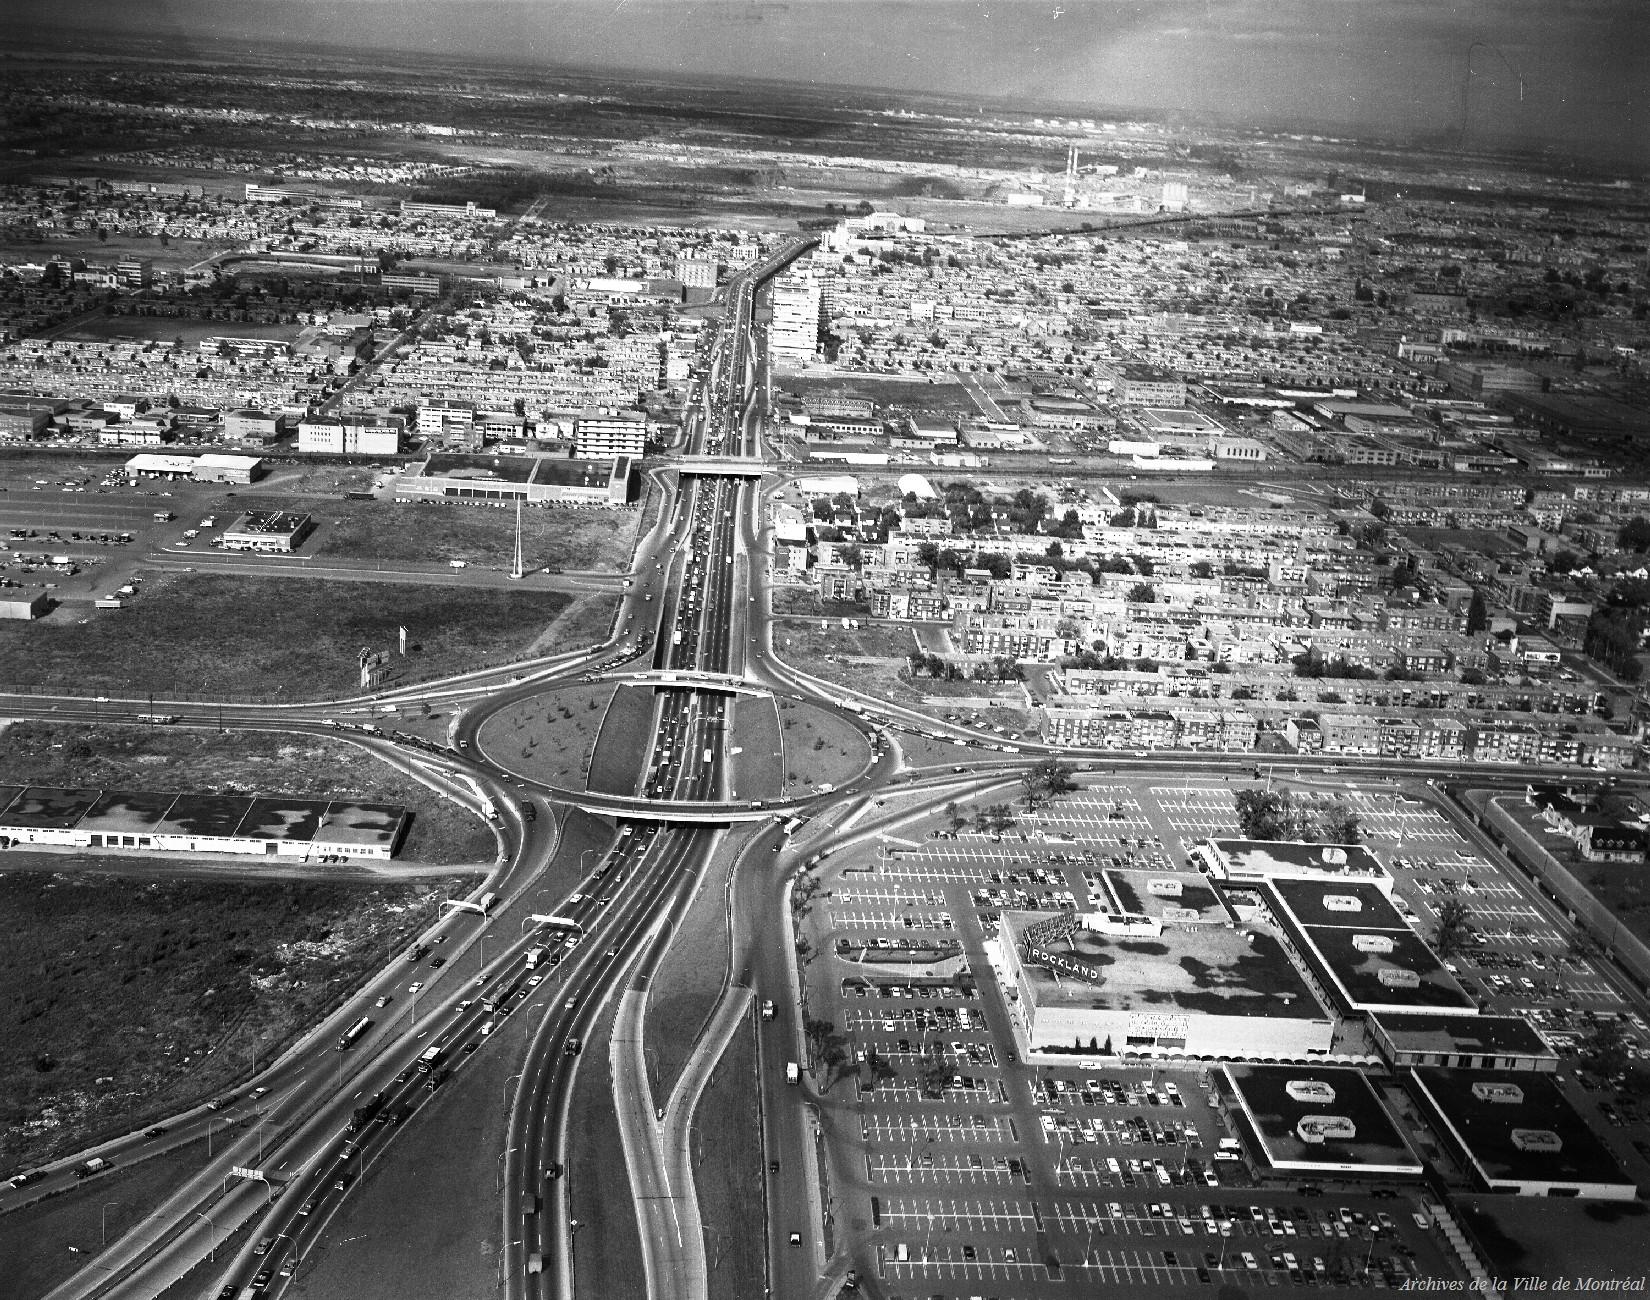 Interchange Rockland-Métropolitain [Centre Rockland dans le coin droit], 16 septembre 1966, CA M001 VM094-Y-1-02-D025